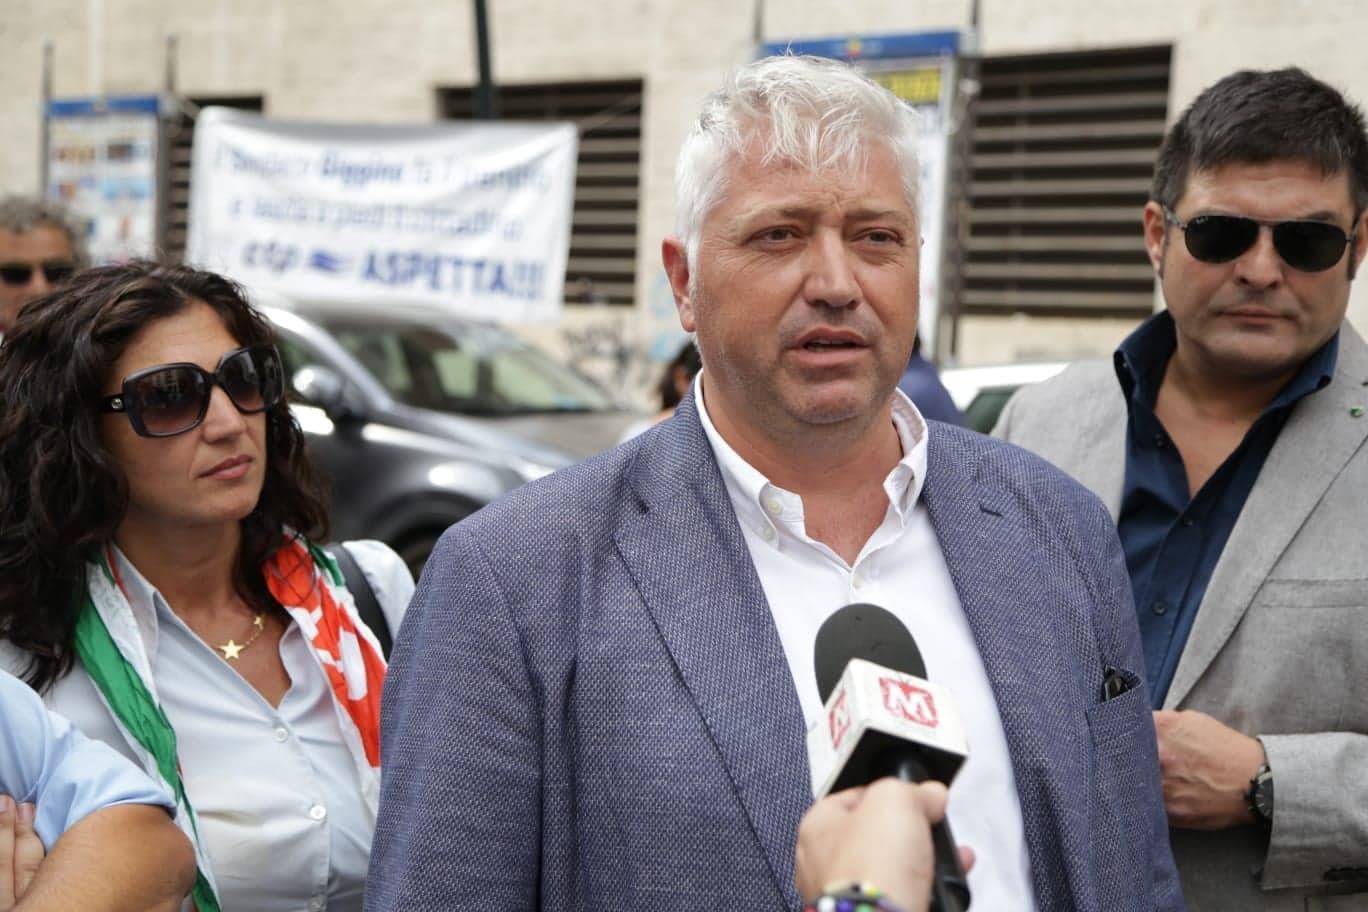 Porto di Napoli, il sindacato sventa operazione di autoproduzione